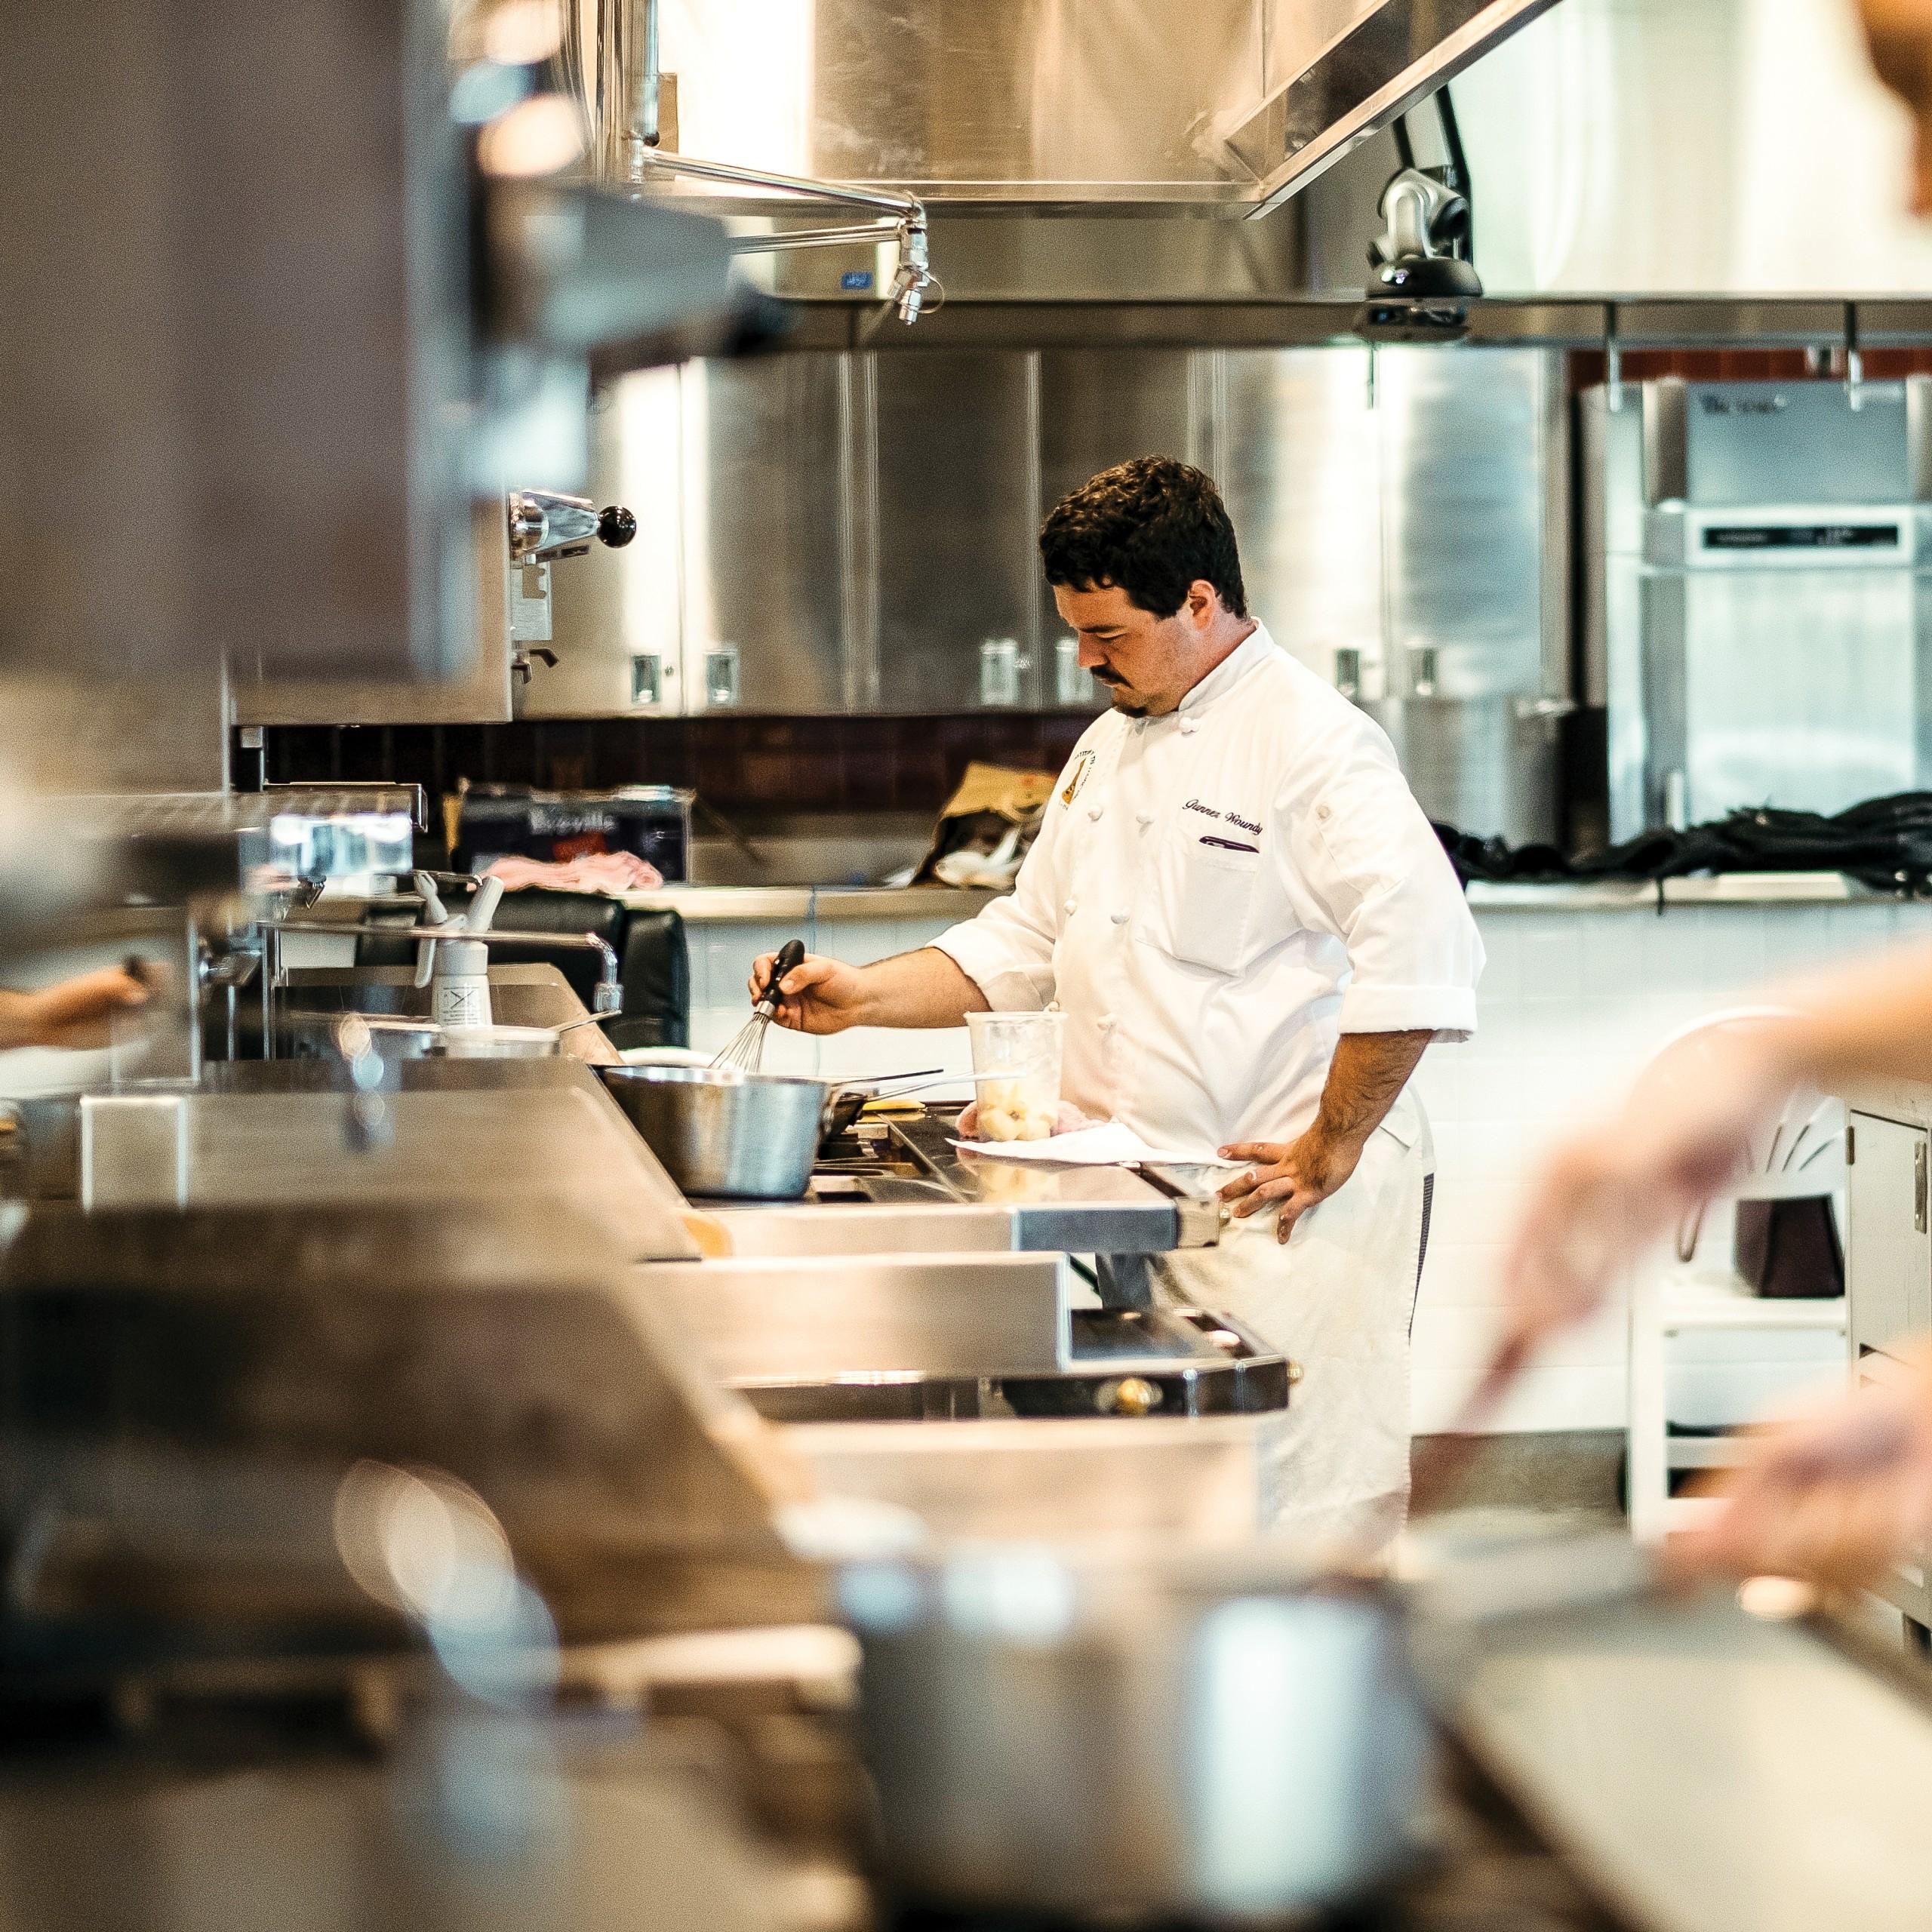 HB1710 AY KCC Culinary School 9009